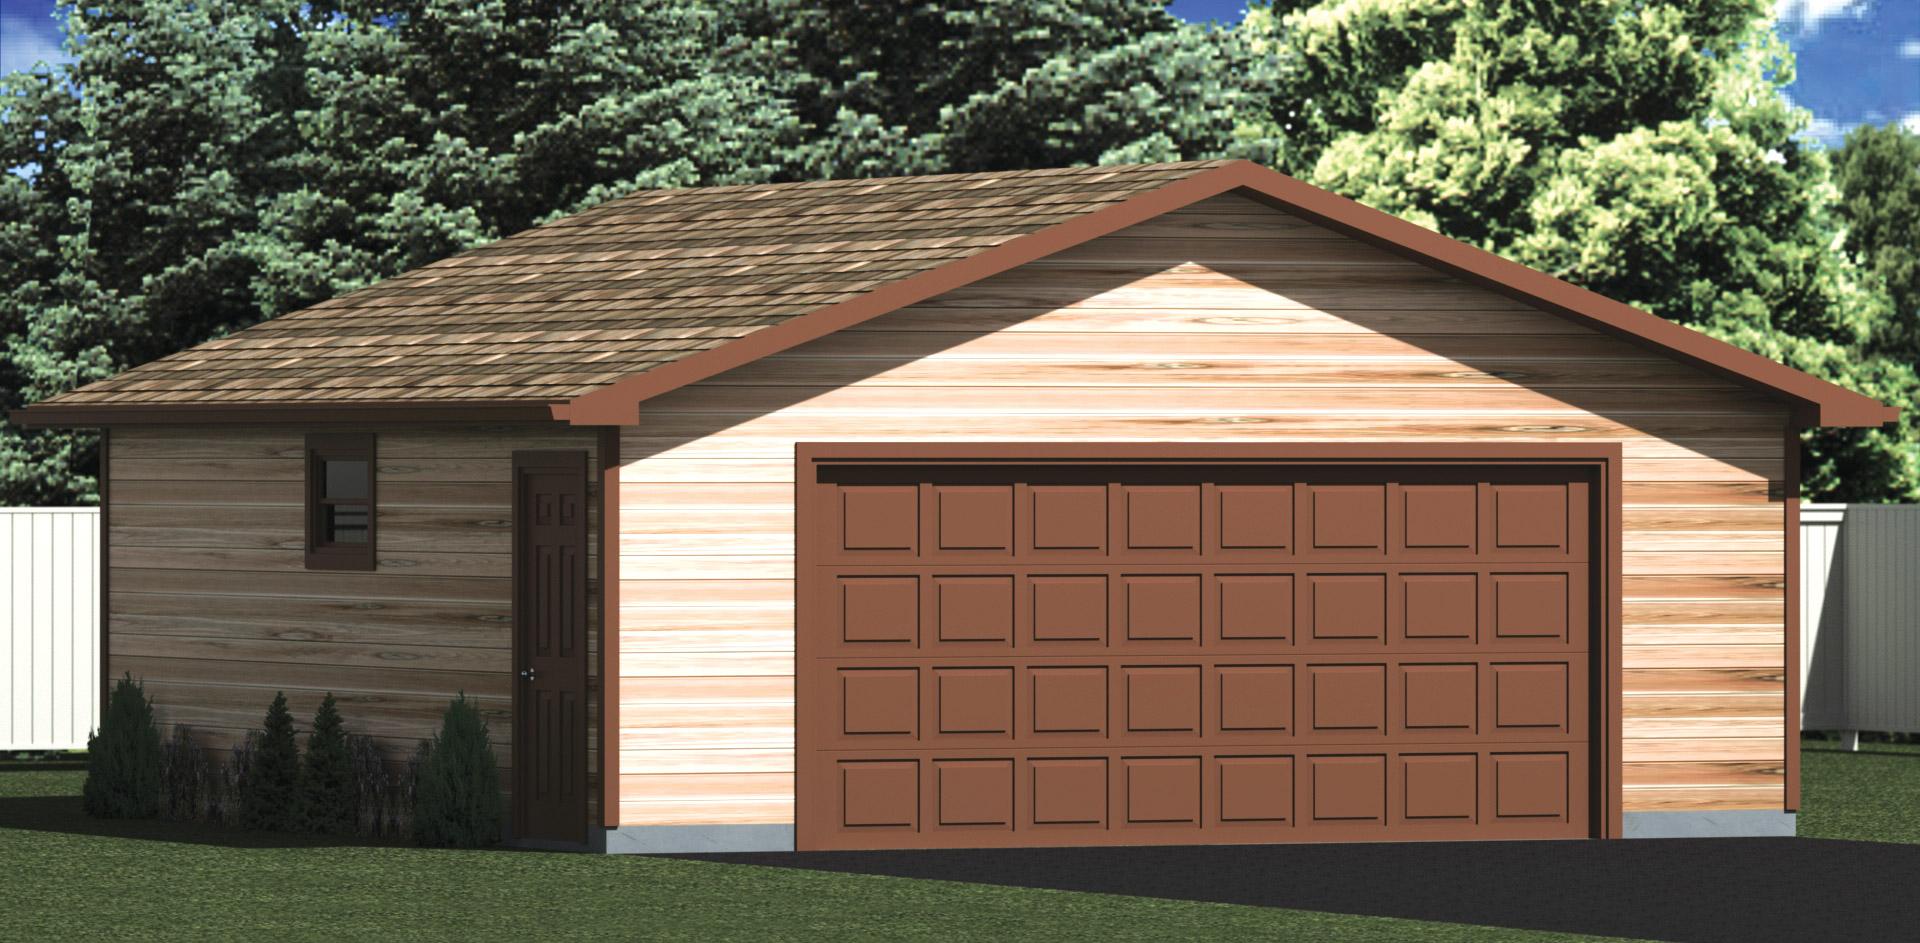 24x26 garage